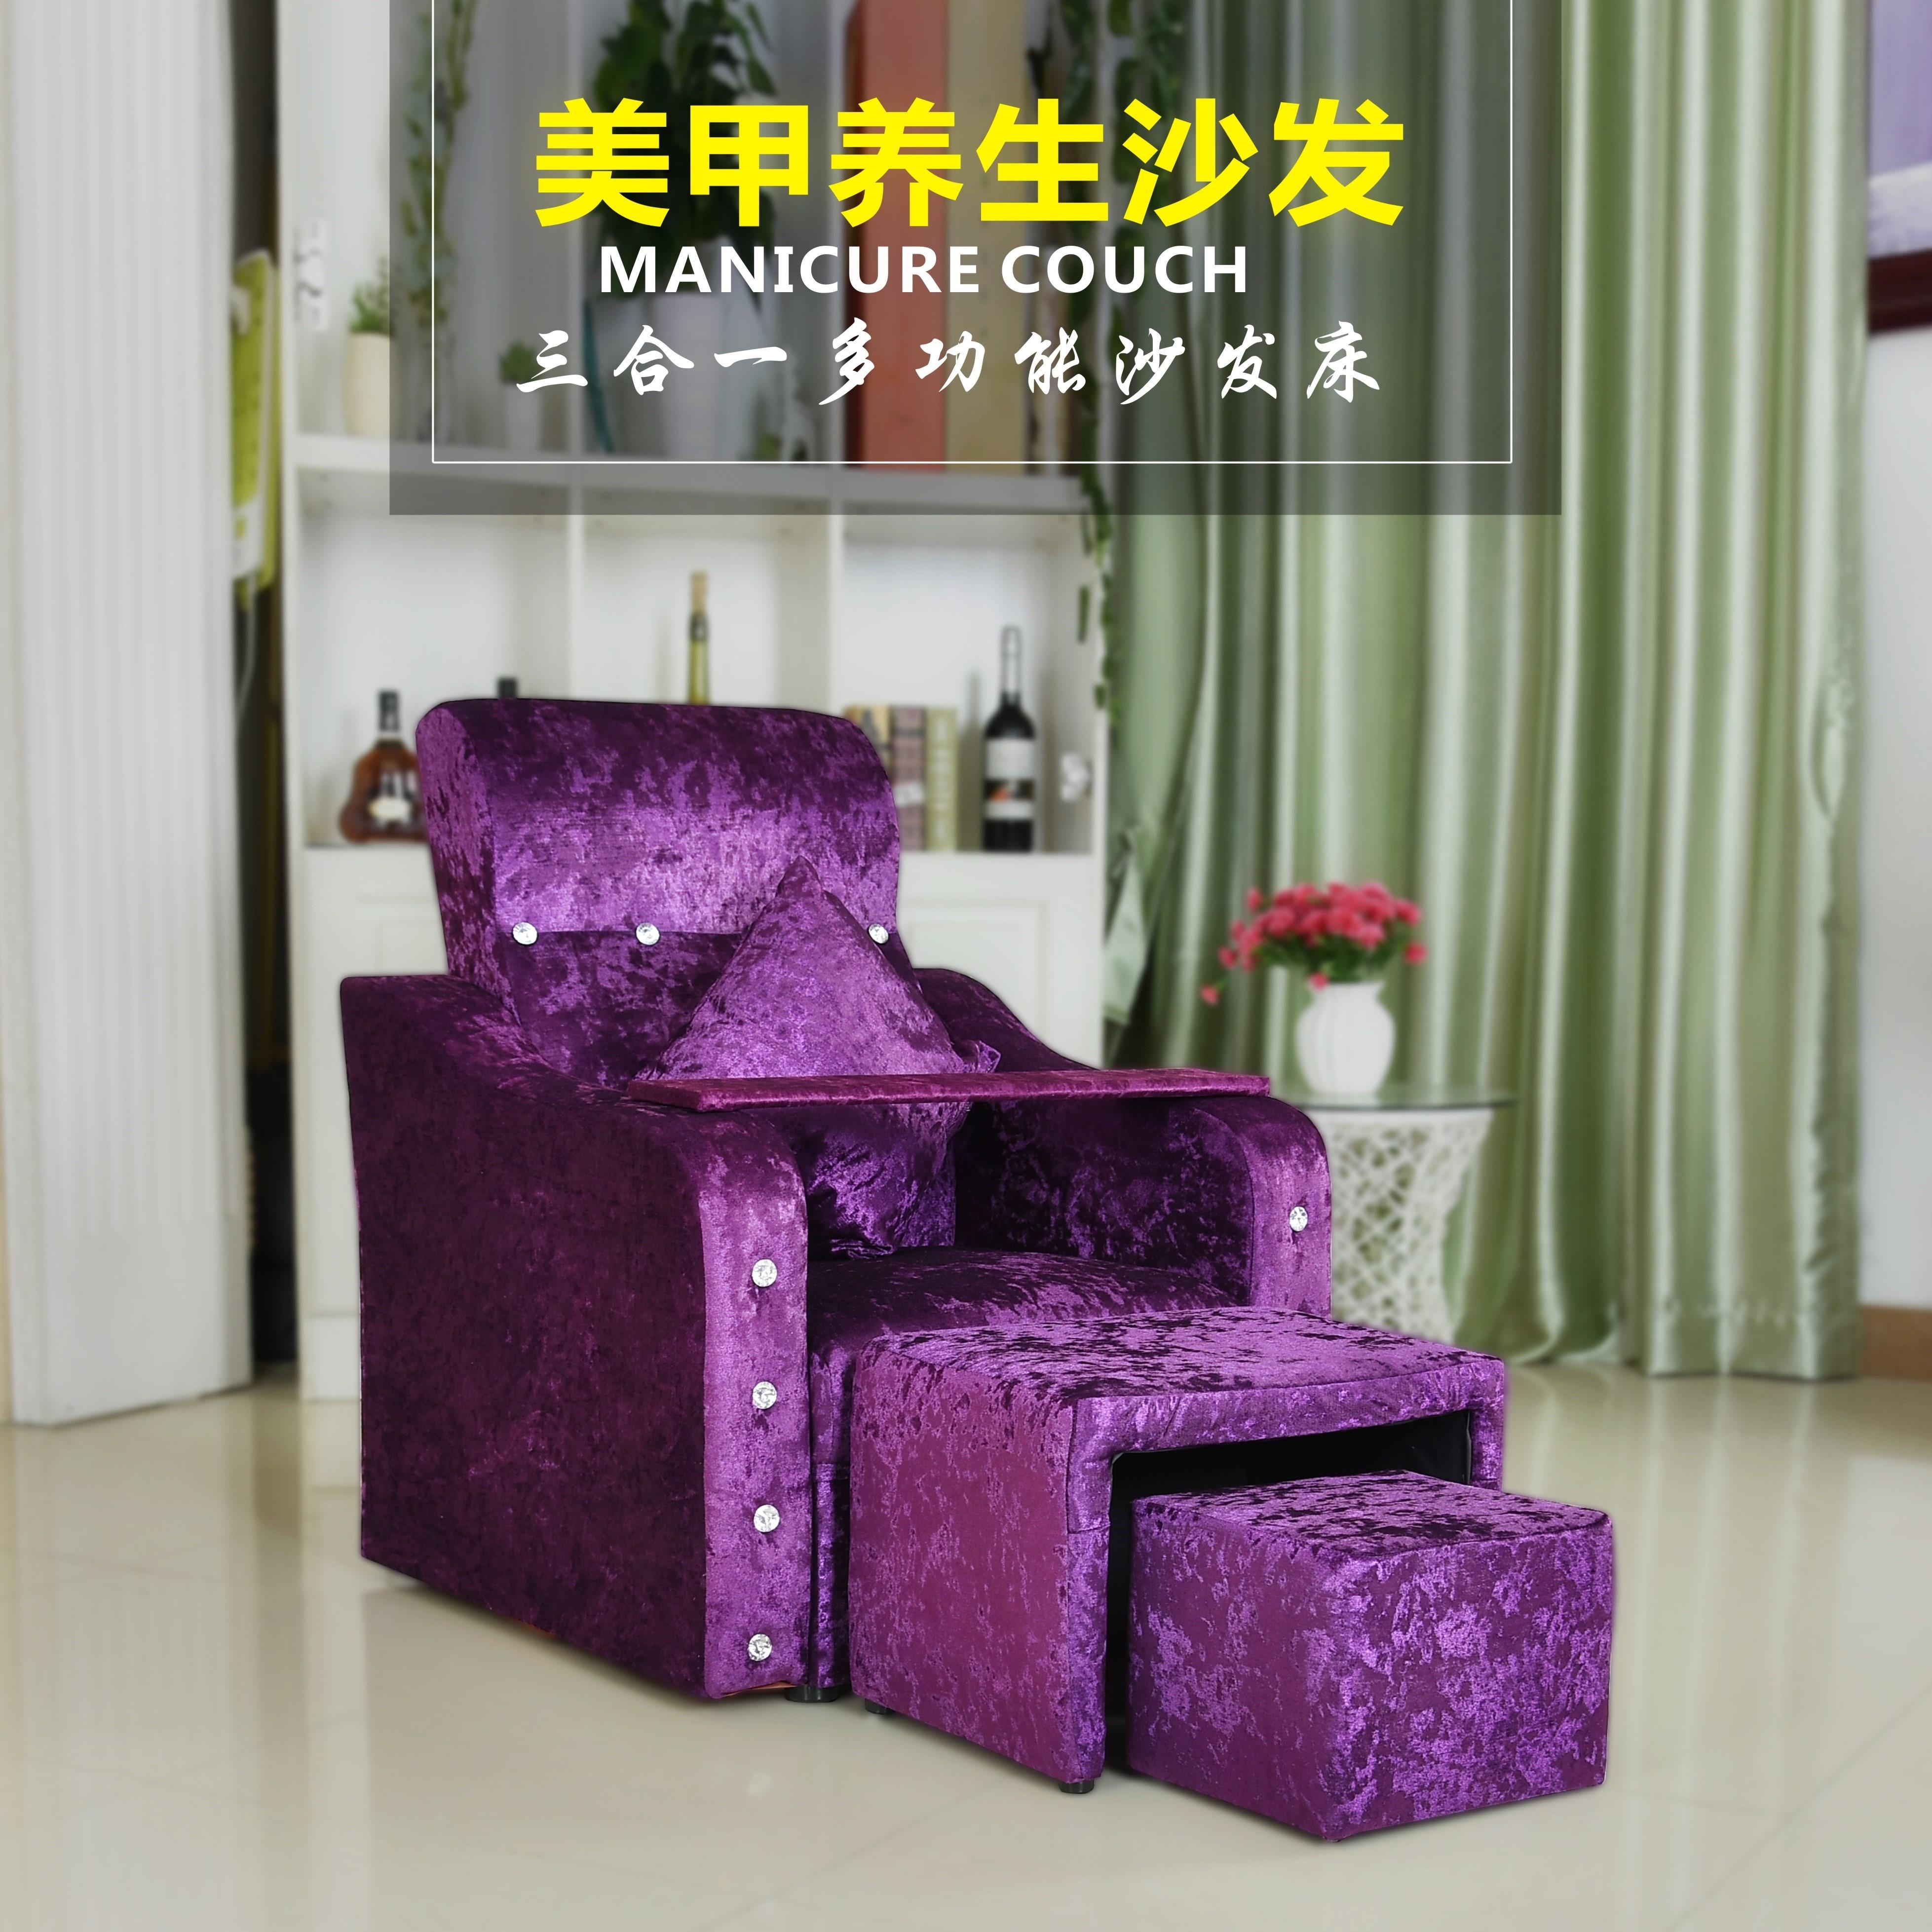 美甲沙发足疗足浴沙发美甲美睫单人可躺椅休闲泡脚美容美甲店椅子